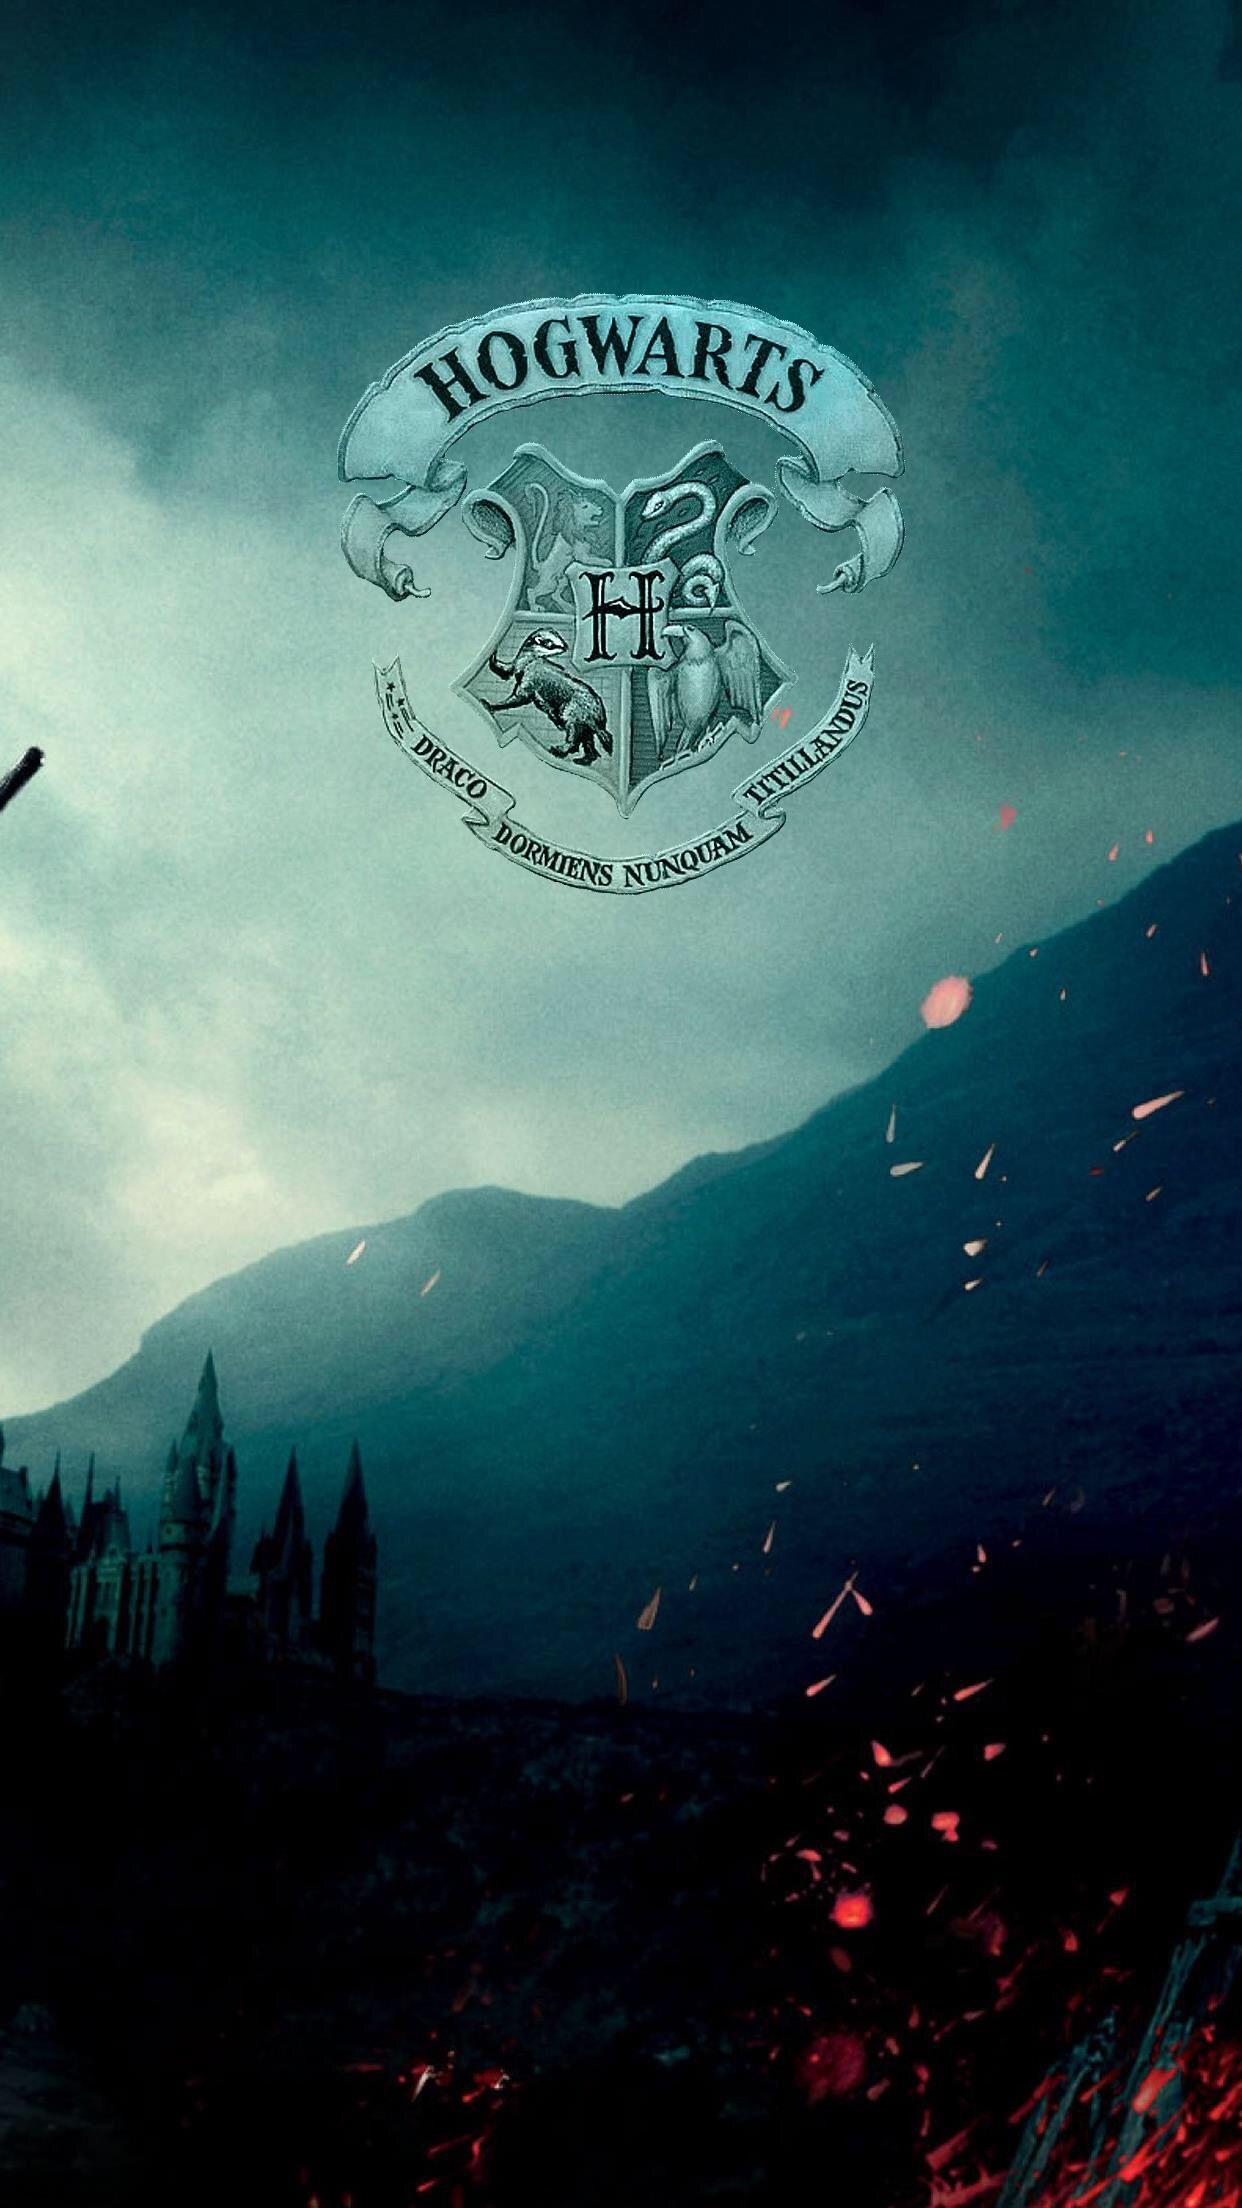 Pin Von Judy Lingerfelt Auf Harry Potter Harry Potter Hintergrund Collage Hintergrund Hintergrundbilder